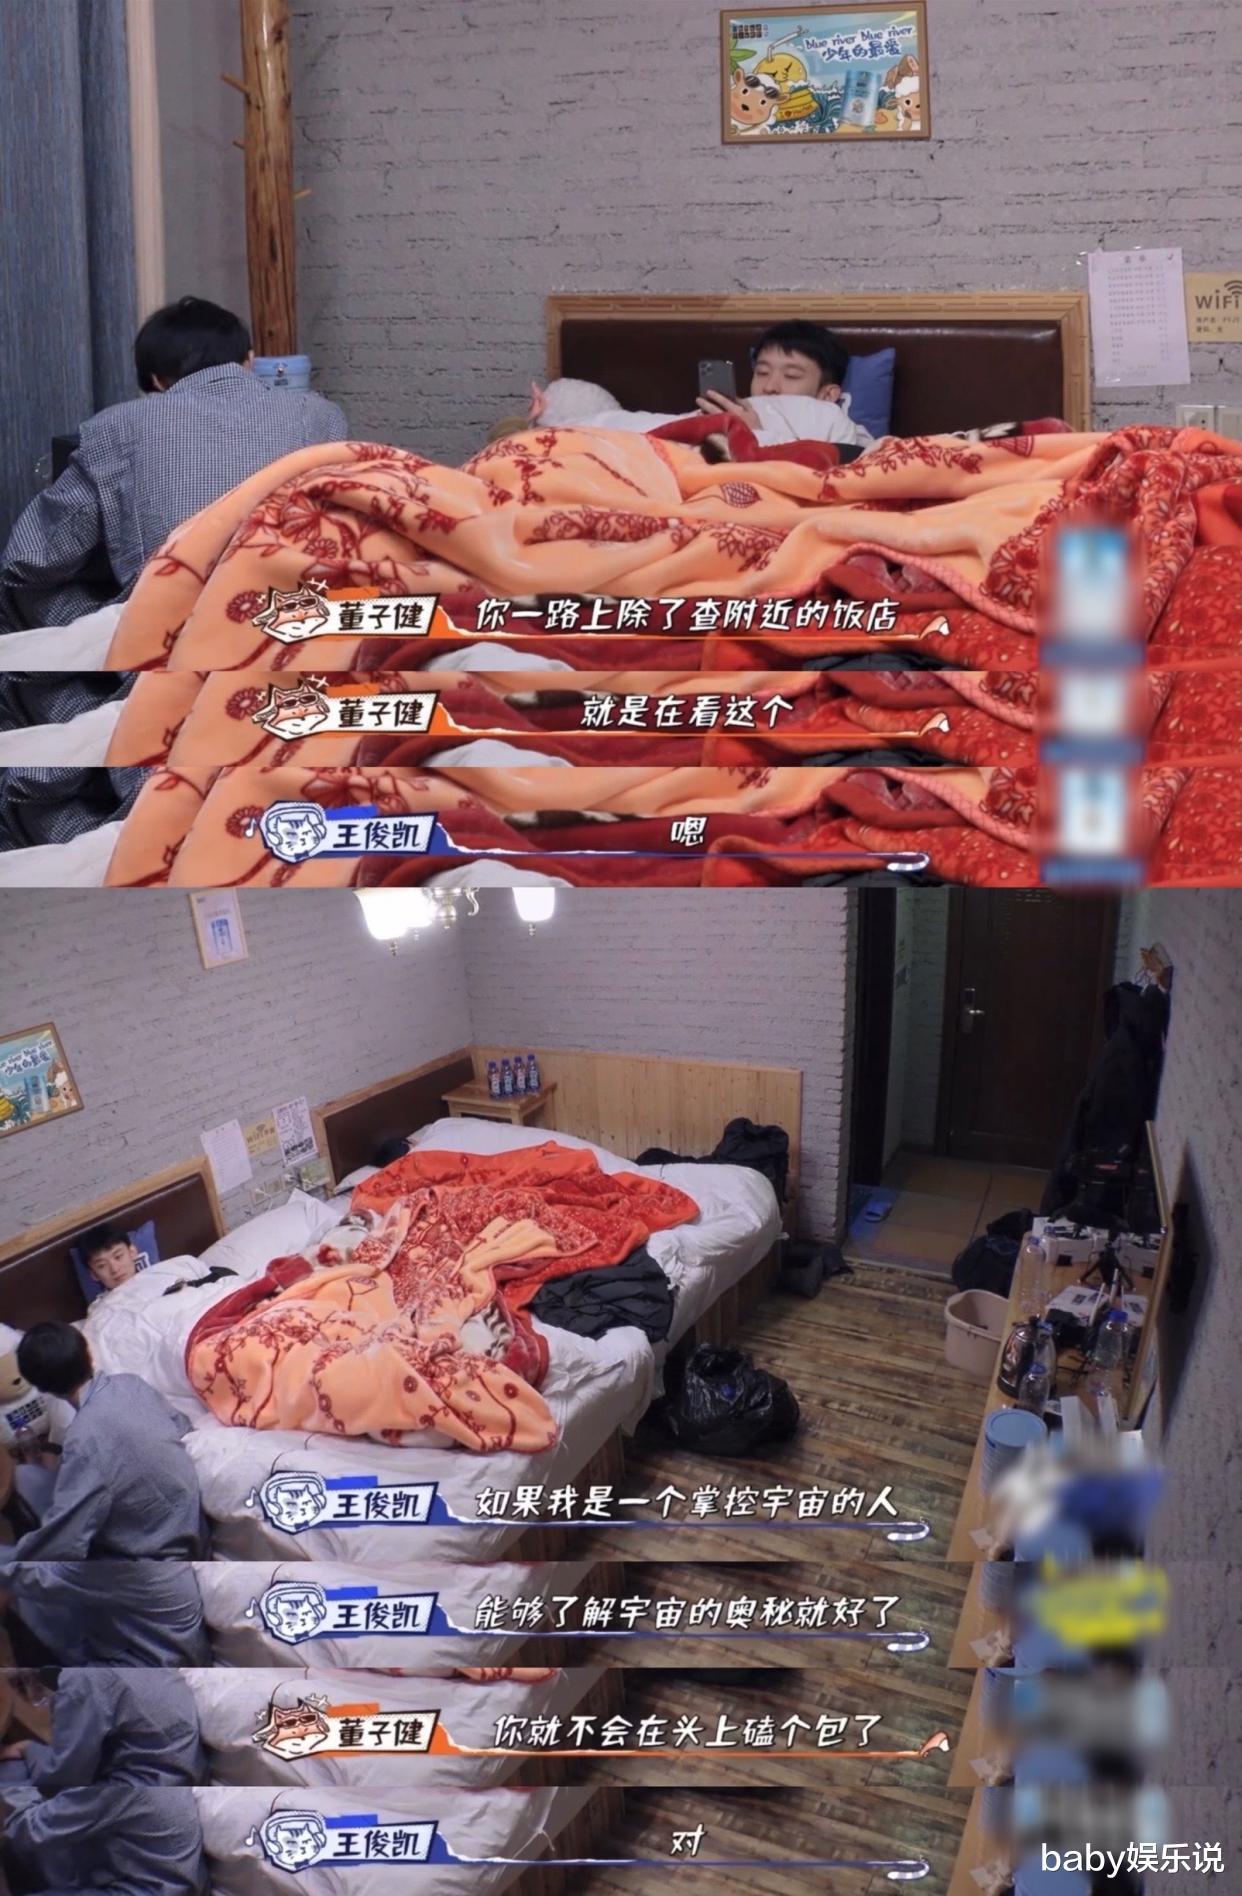 王俊凯狂玩手机,被质疑谈恋爱?其实是在探索宇宙奥妙